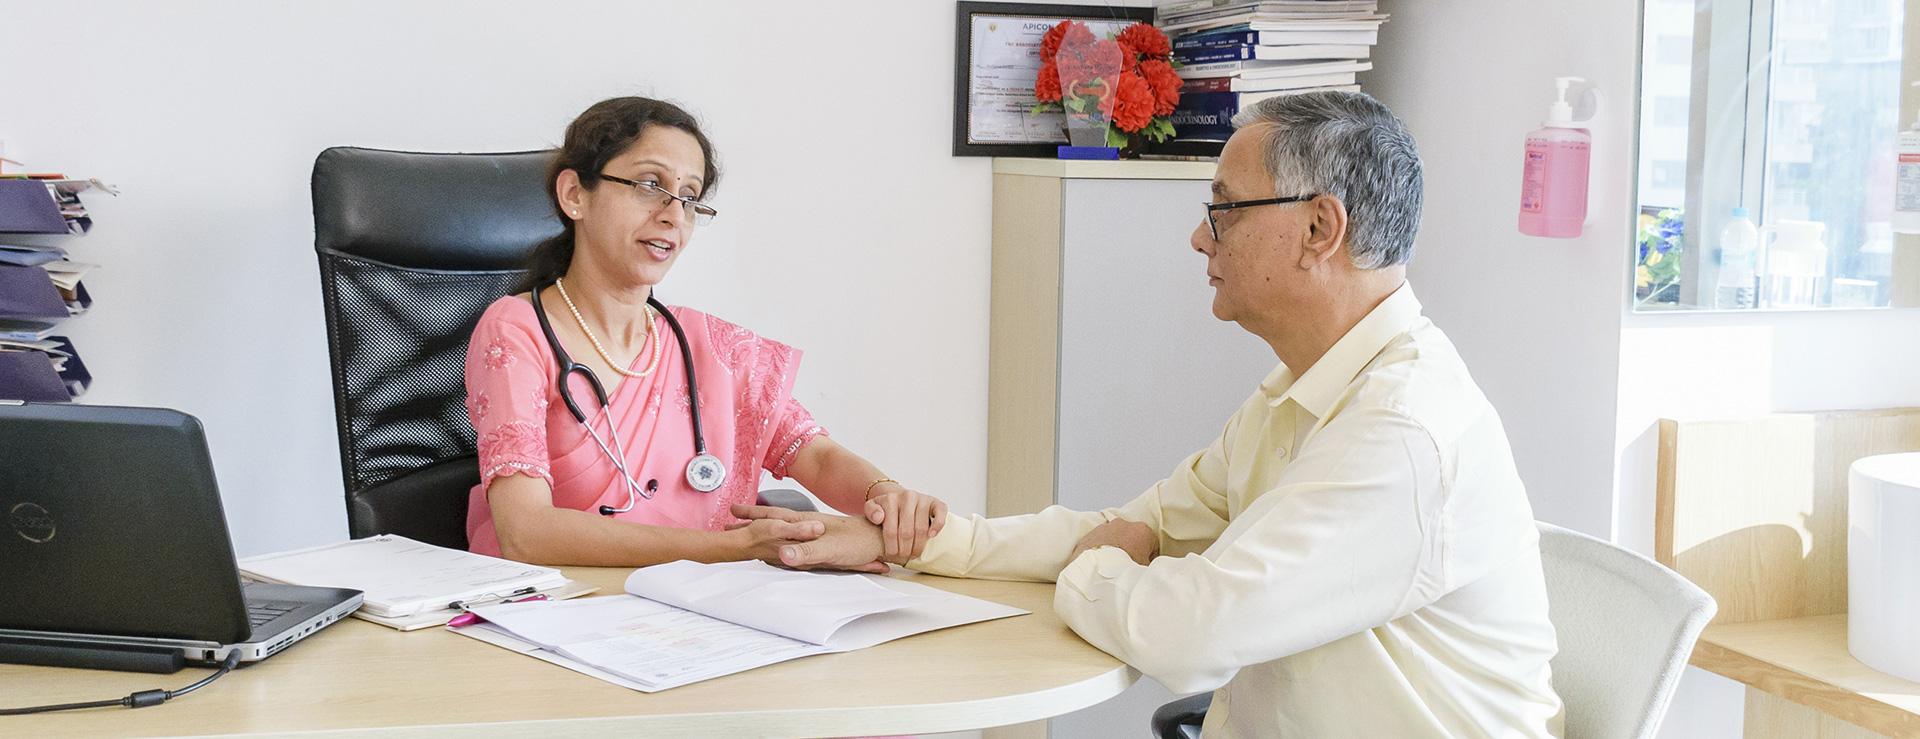 diabetic-clinic-in-mumbai